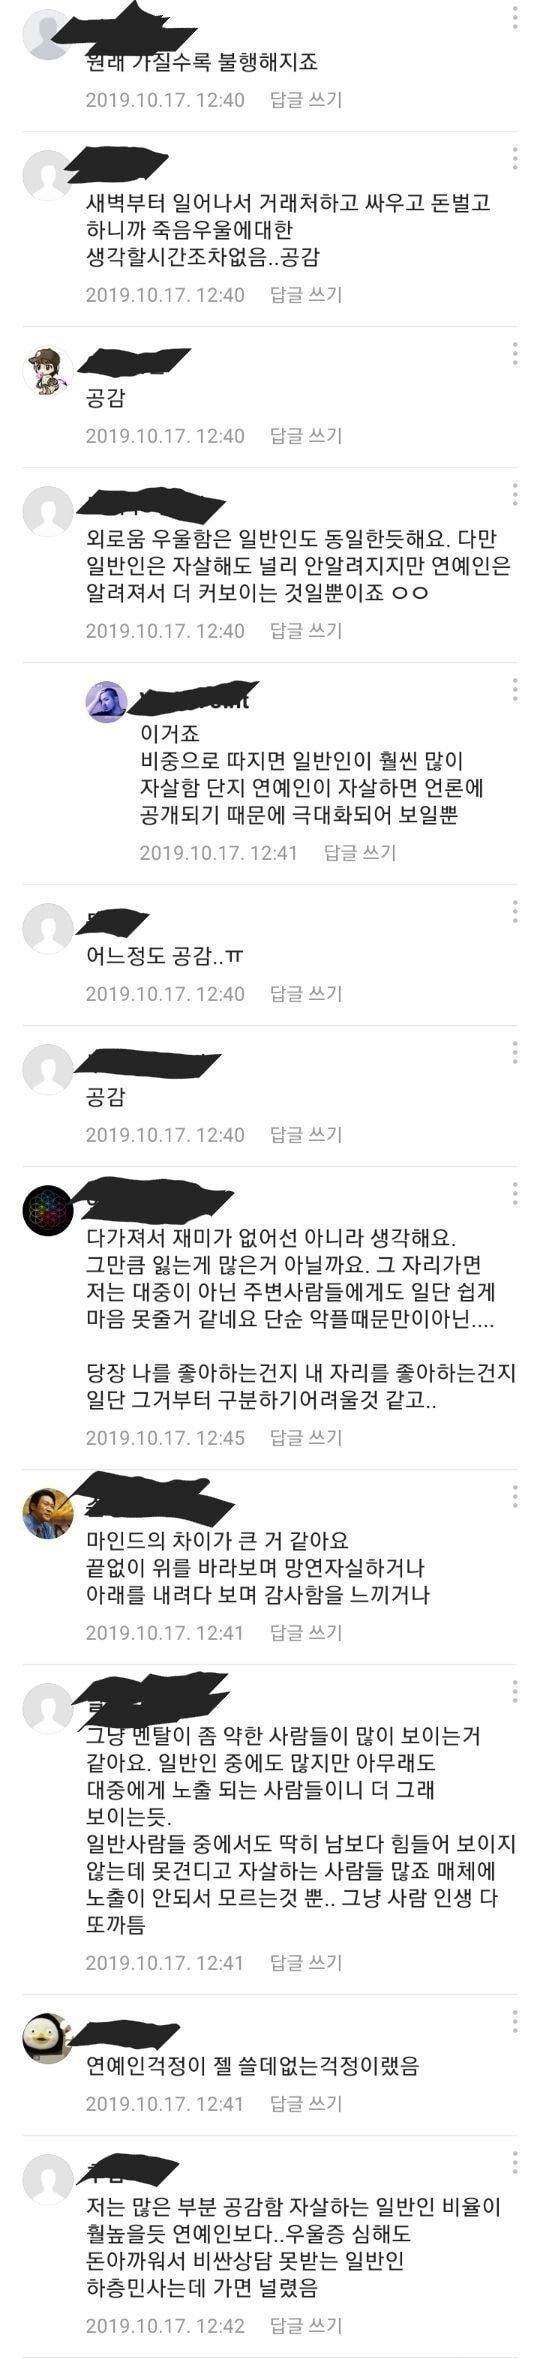 Screenshot_20191018-143435_Naver Cafe.jpg 설리의 죽음후 한 커뮤니티에 올라온글....jpg